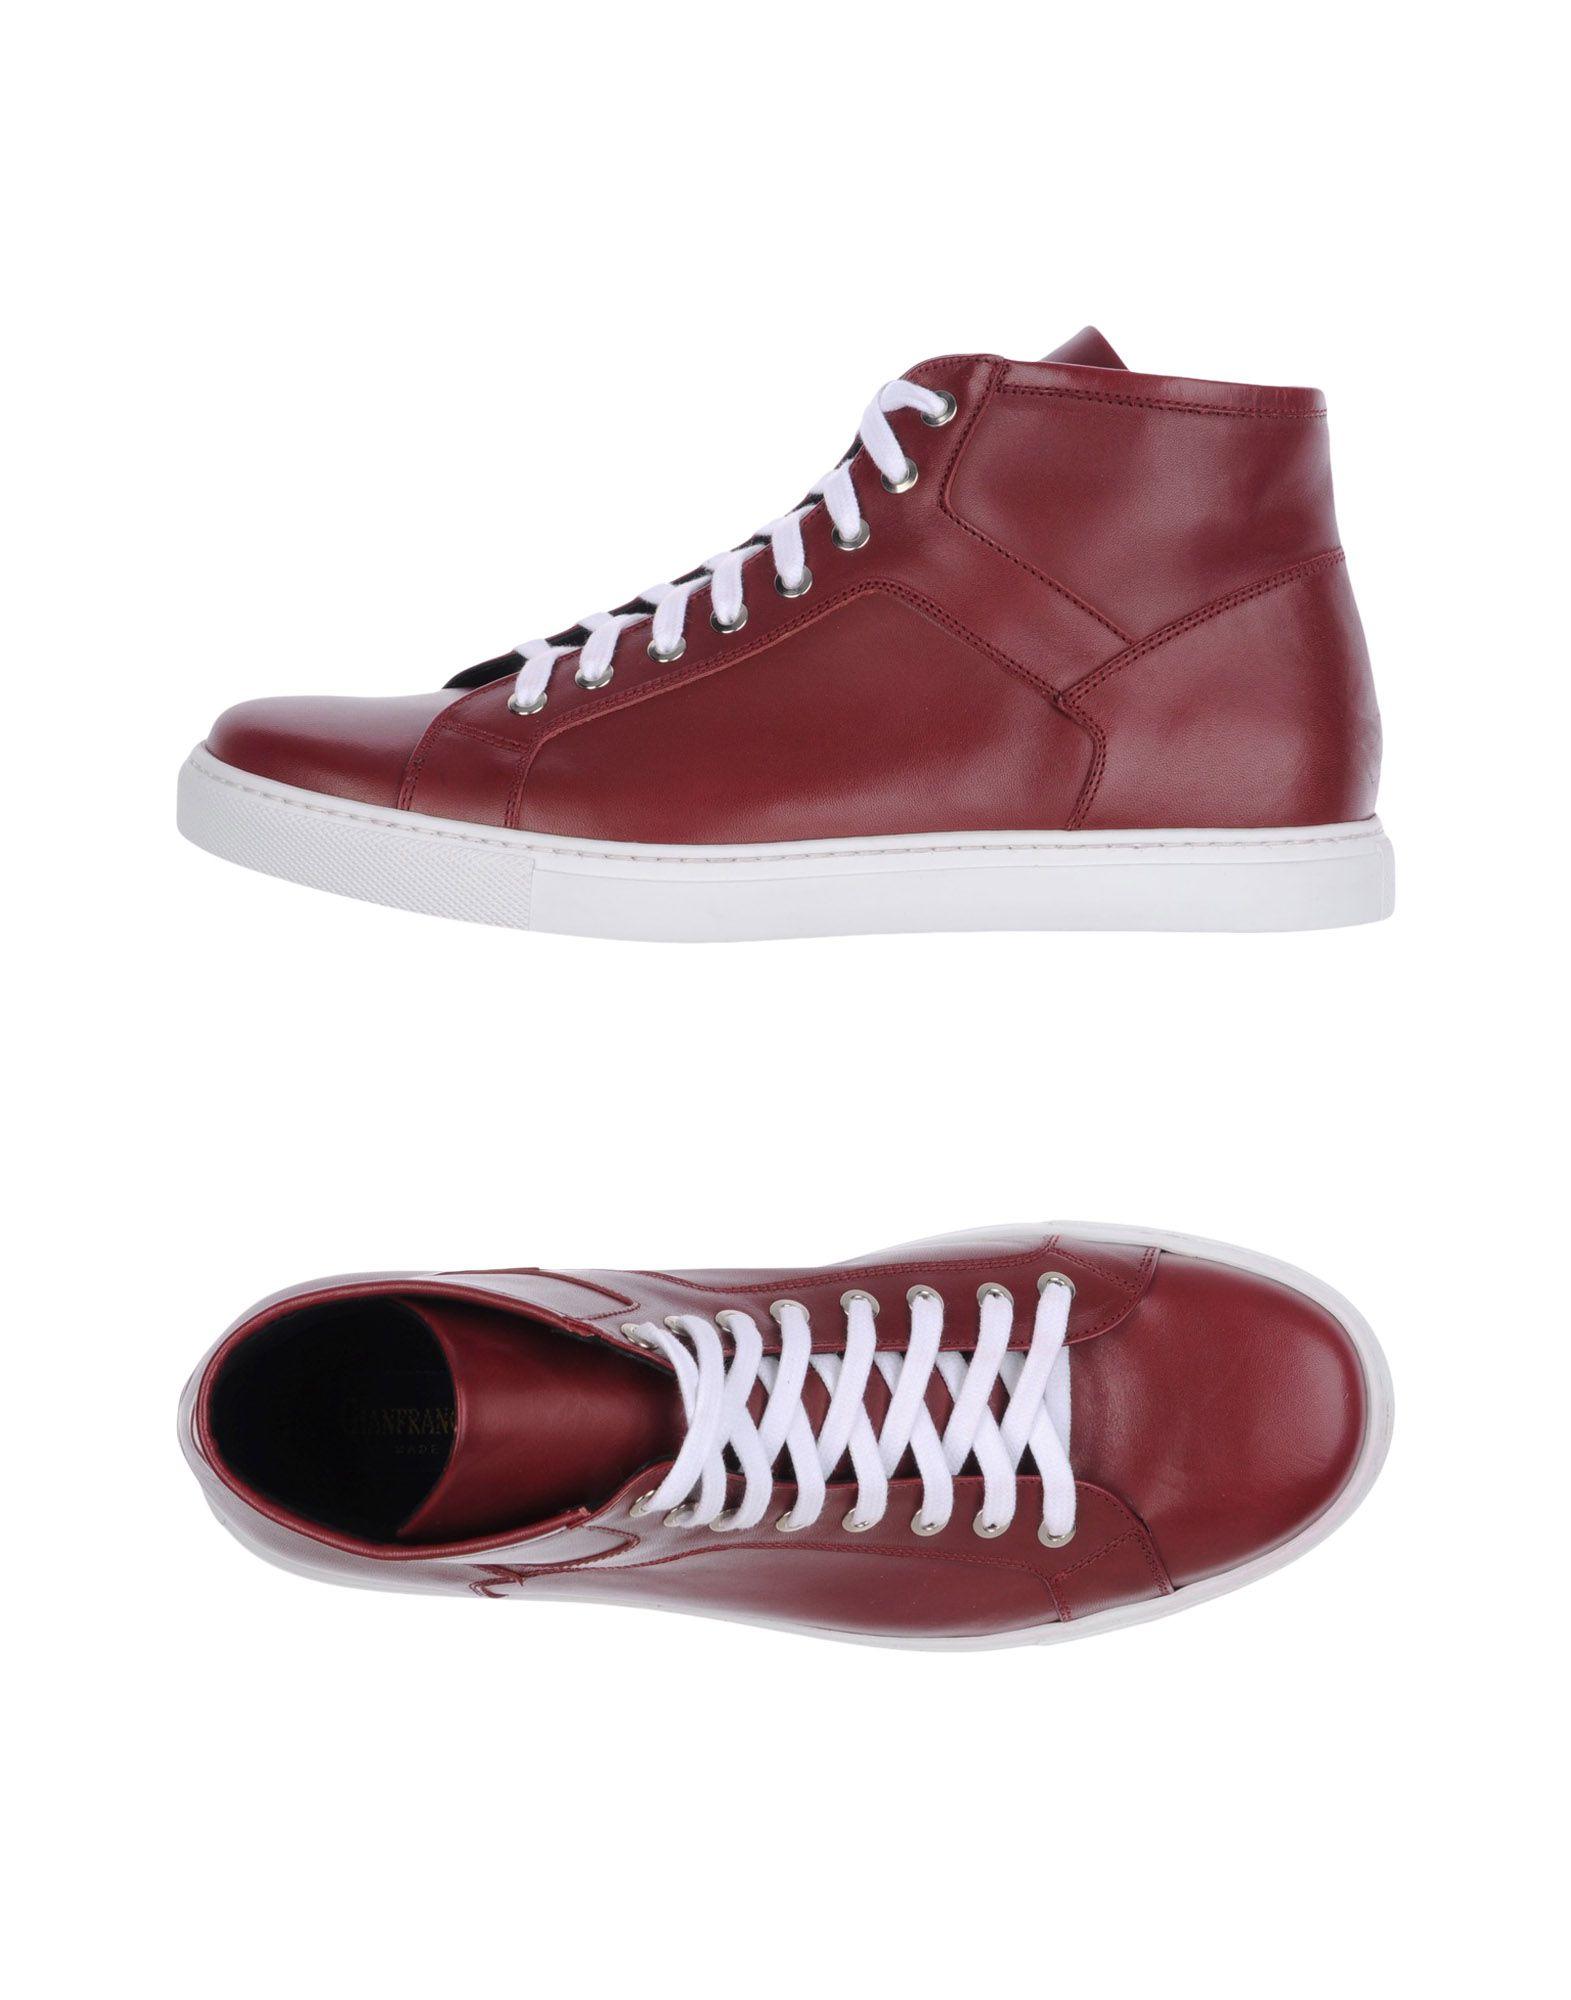 GIANFRANCO LATTANZI Herren High Sneakers & Tennisschuhe Farbe Bordeaux Größe 9